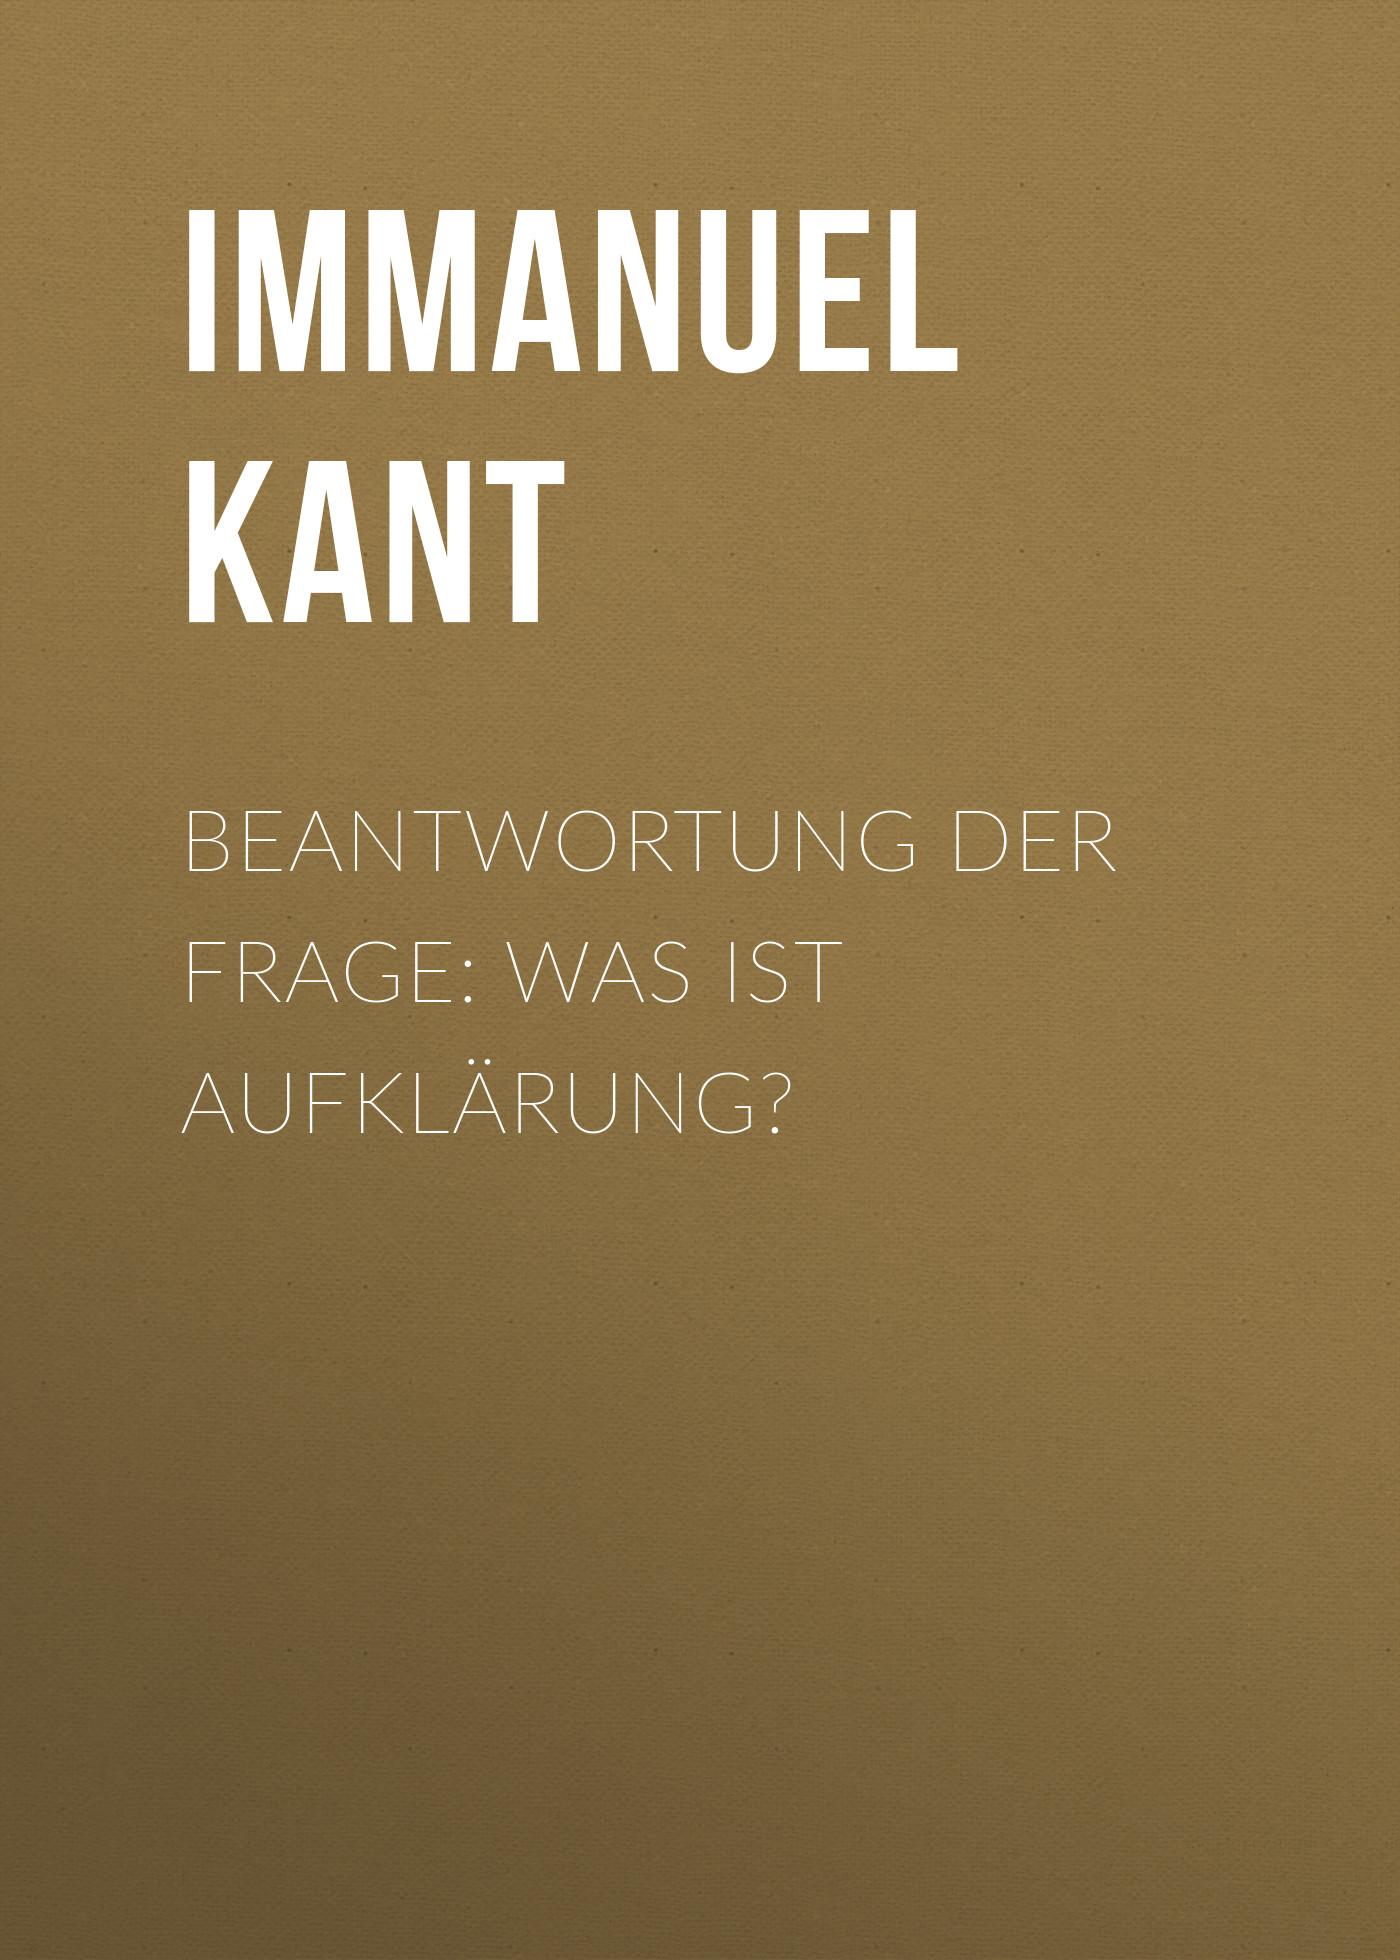 цена Иммануил Кант Beantwortung der Frage: Was ist Aufklärung? онлайн в 2017 году